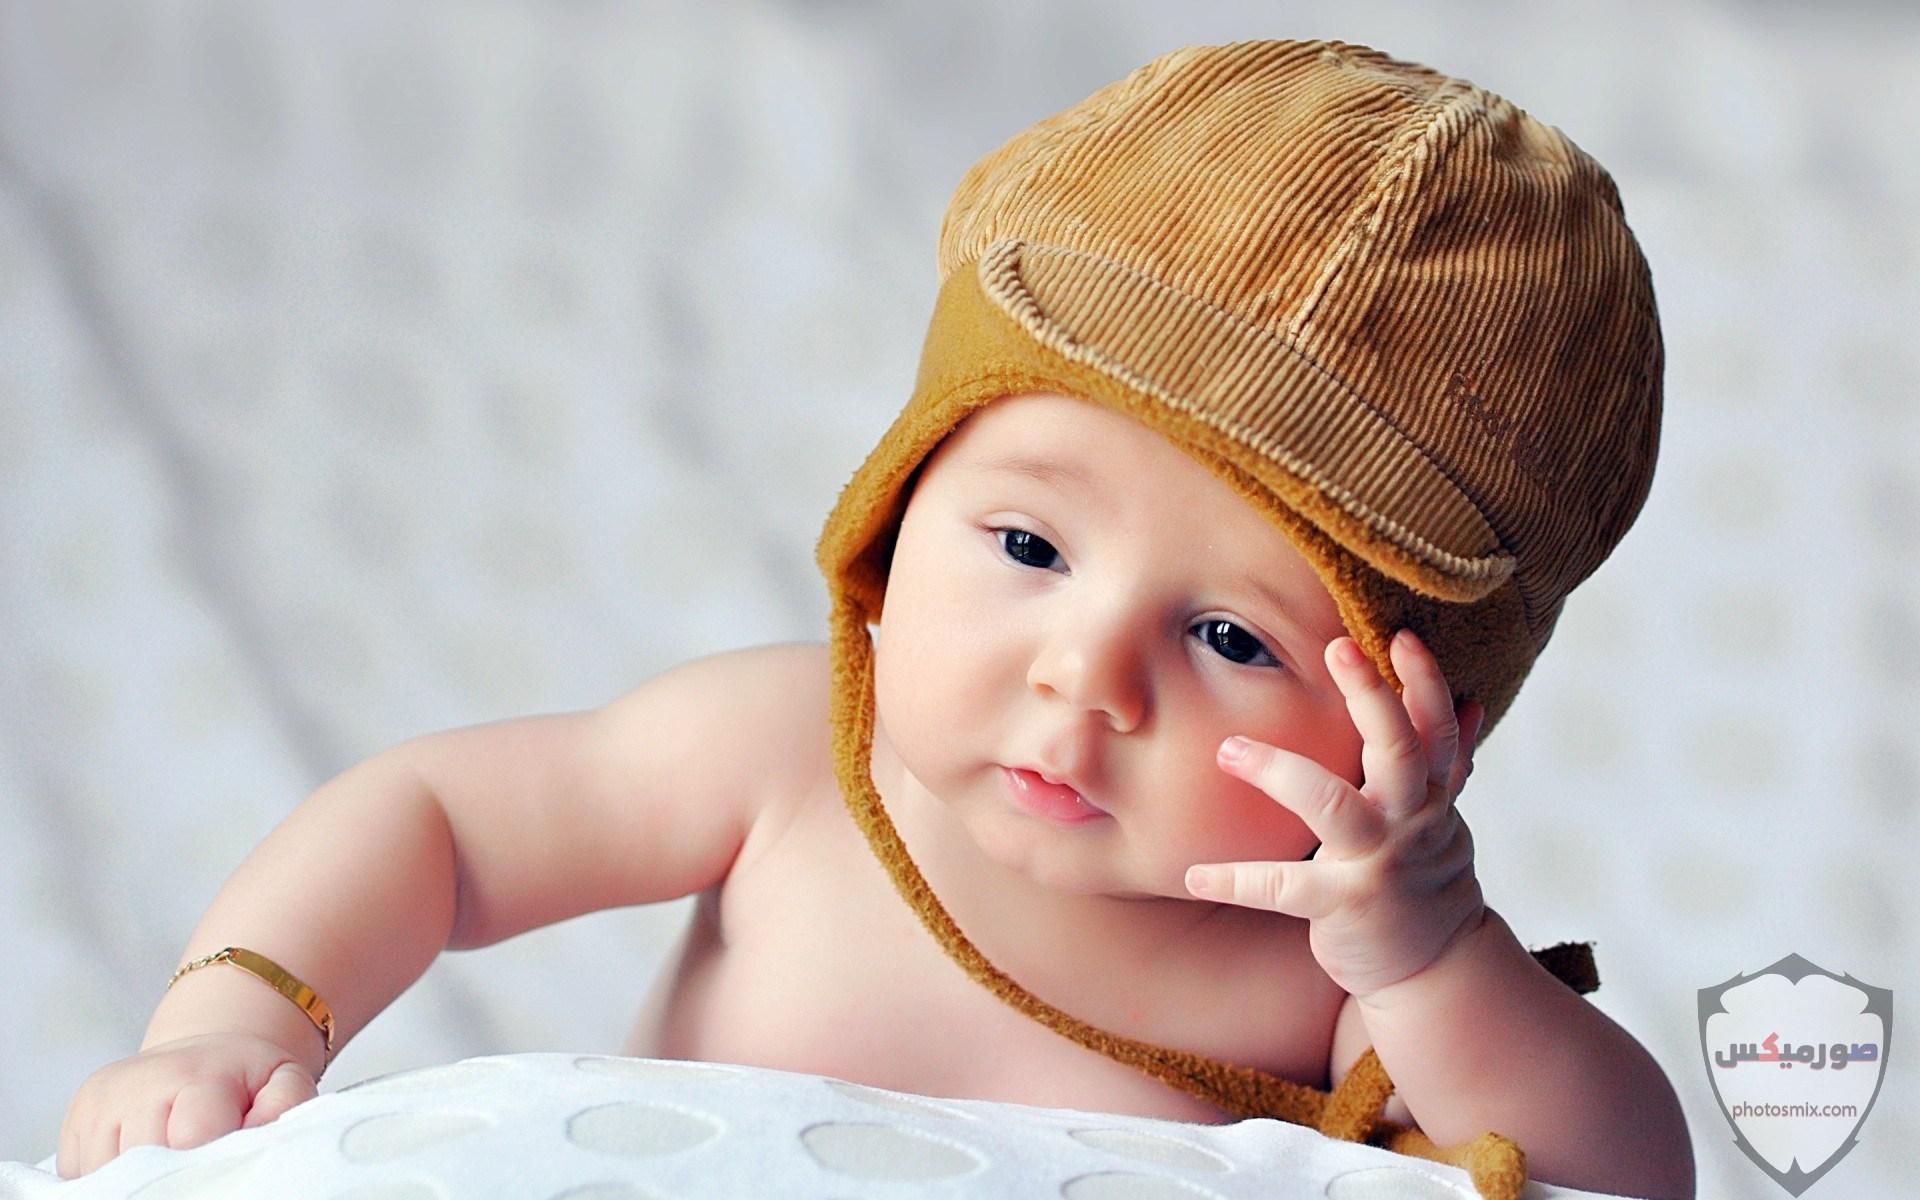 صور اطفال 2021 تحميل اكثر من 100 صور اطفال جميلة صور اطفال روعة 2020 35 1